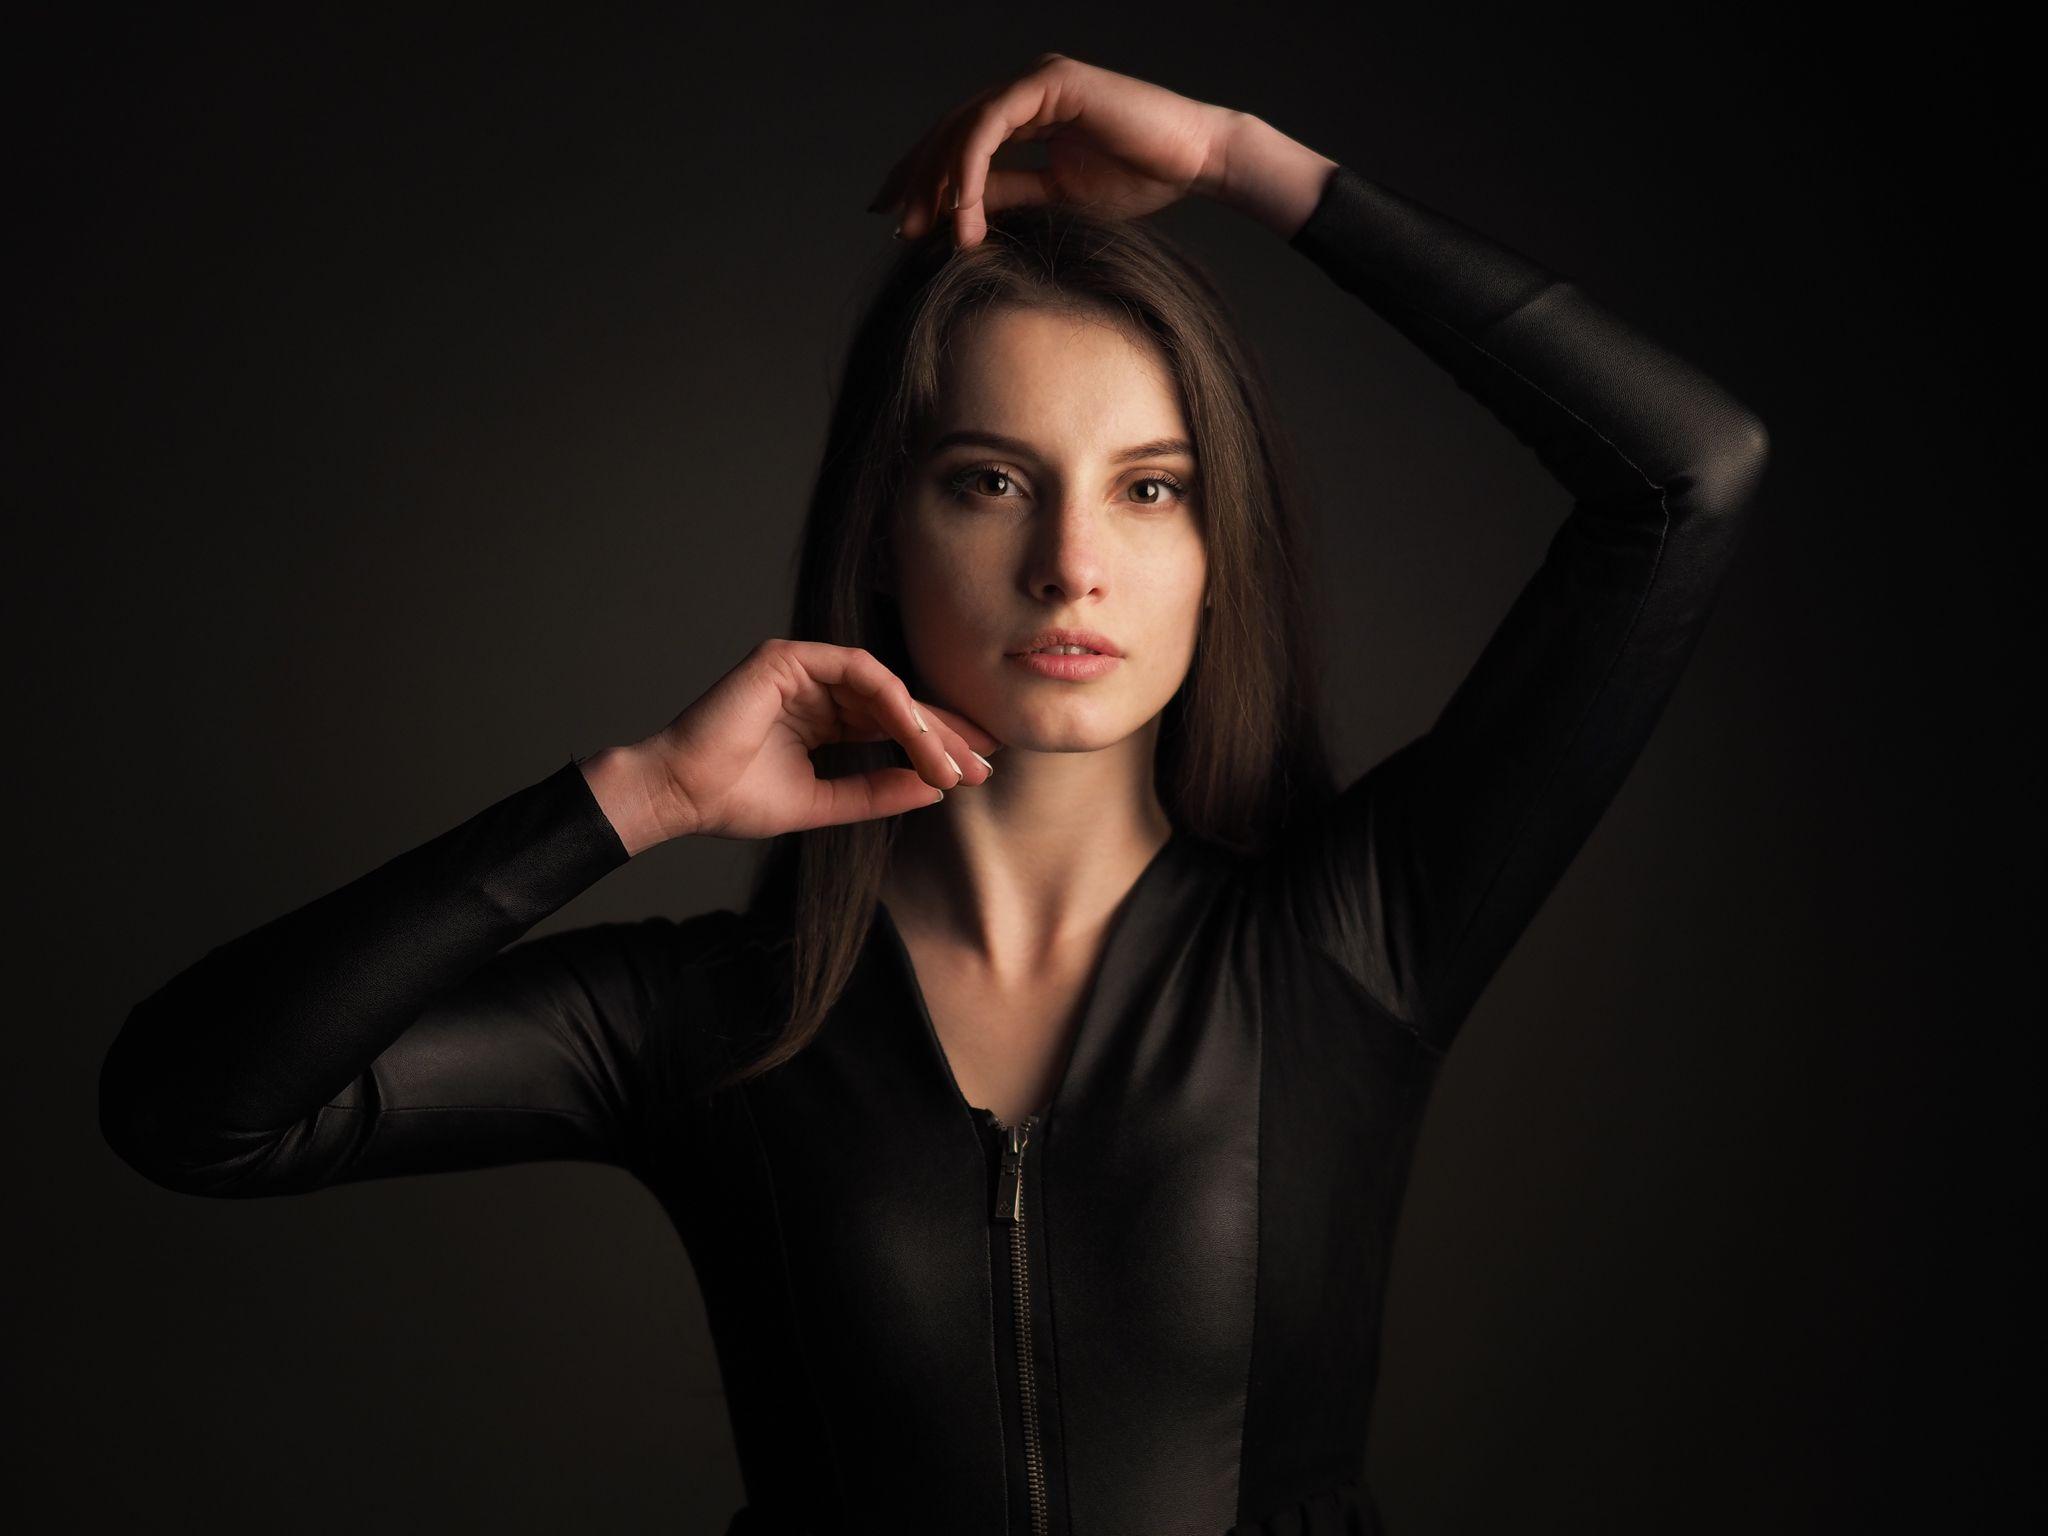 Сергей мартынов фотограф работа для девушек в нальчике